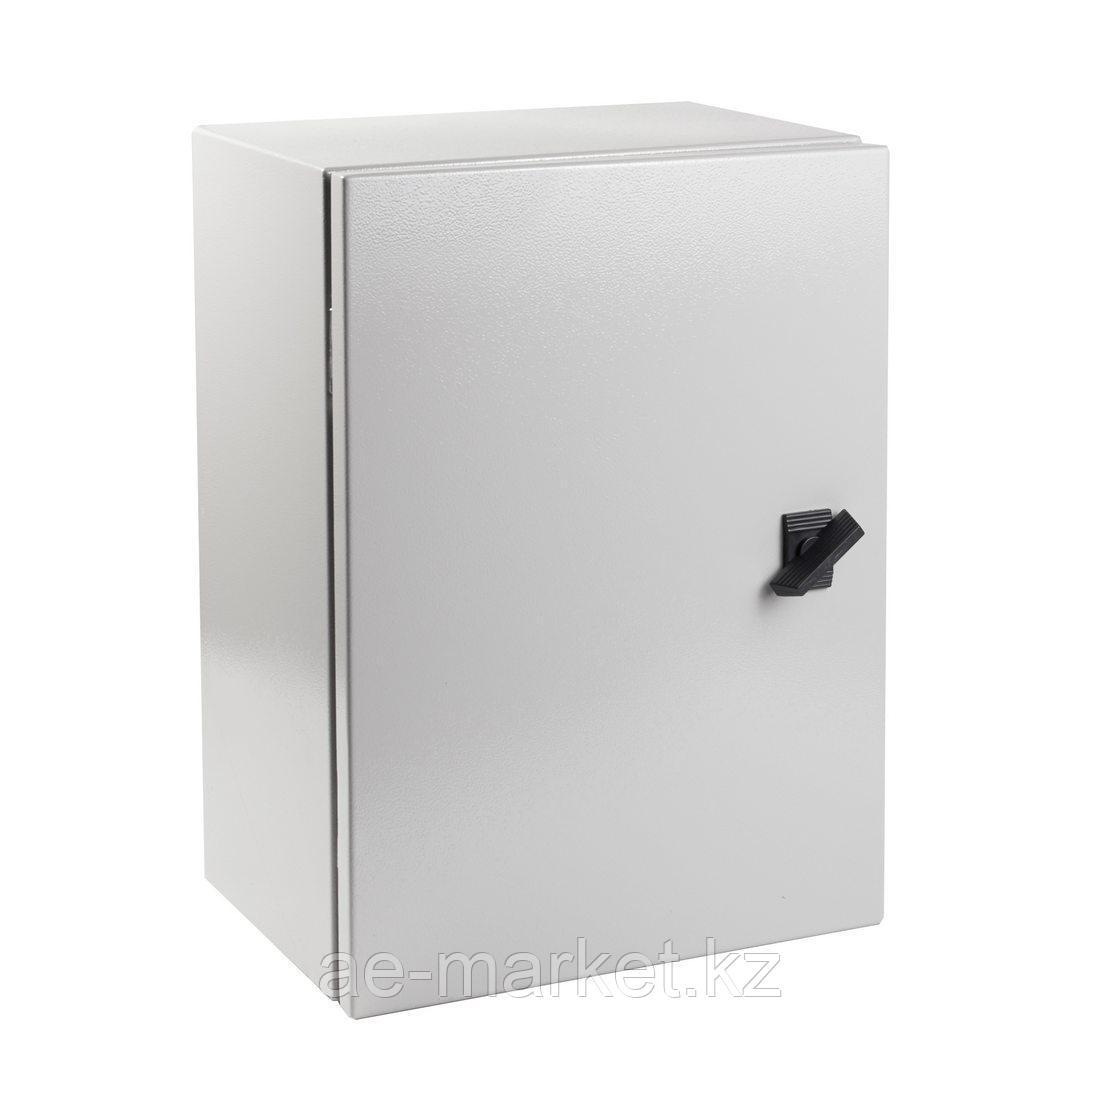 Щит металлический ANDELI 400*300*200 (для электрооборудования)